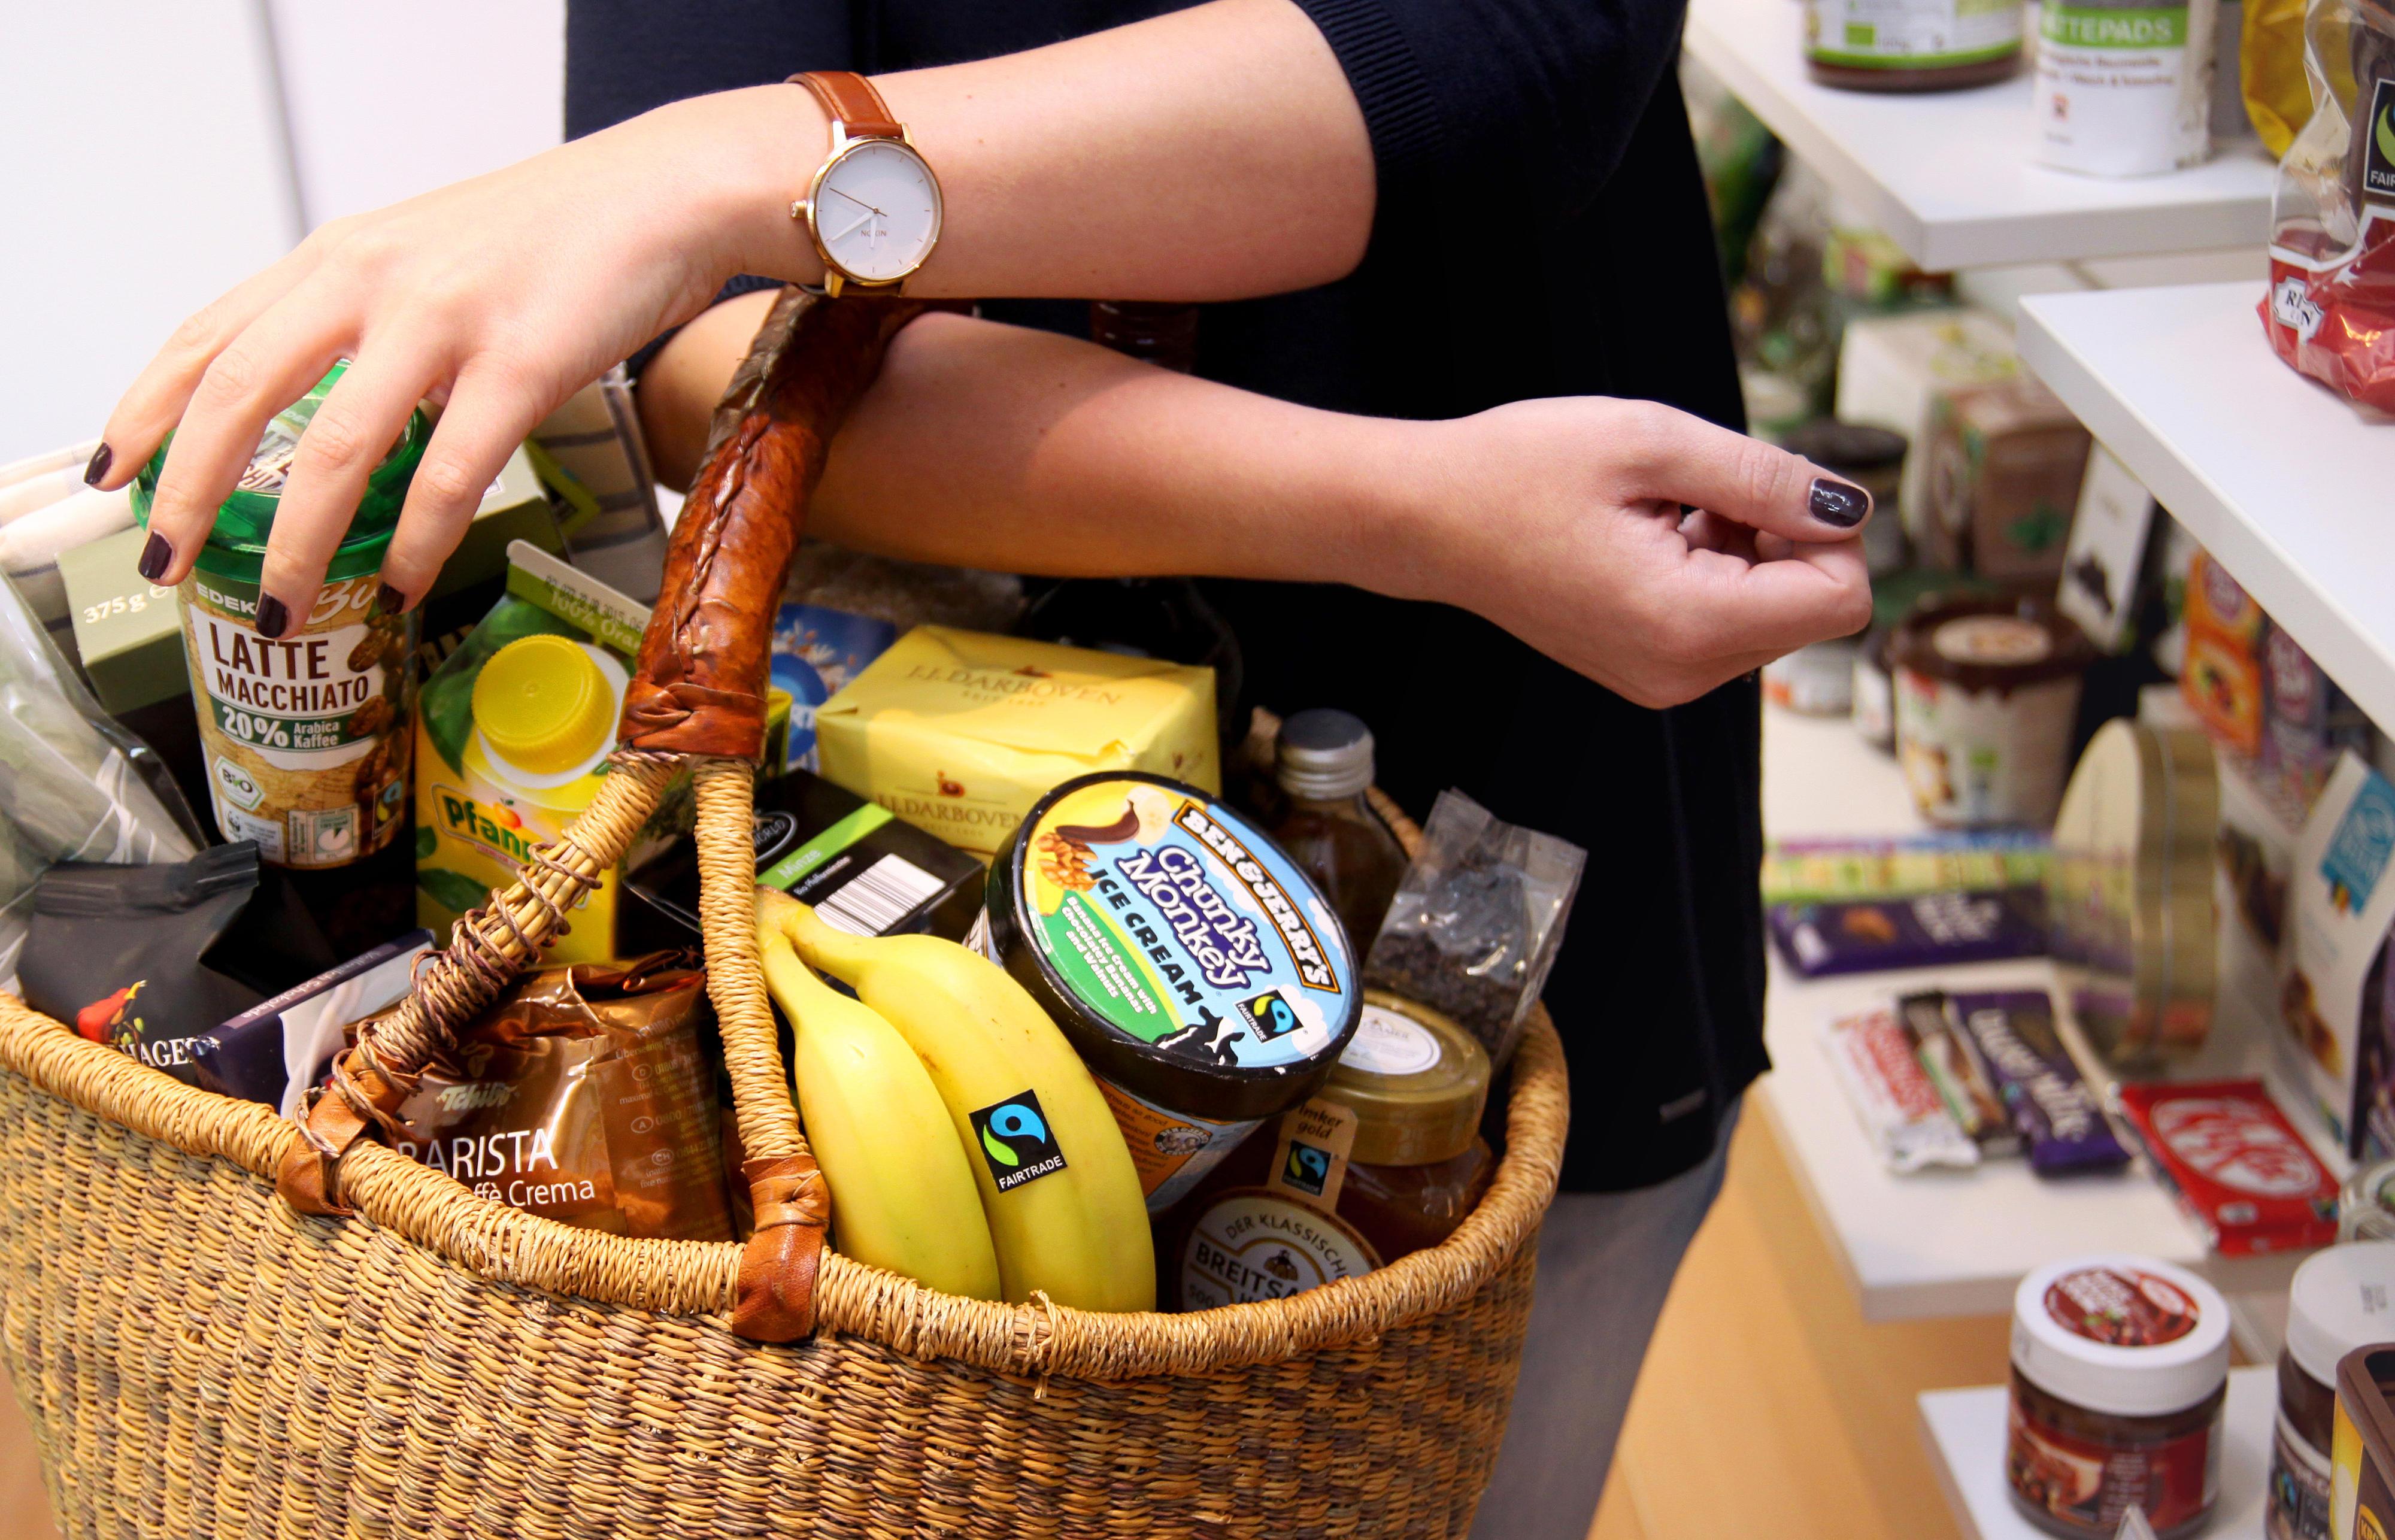 Einkaufskorb mit Fairtrade-Produkten